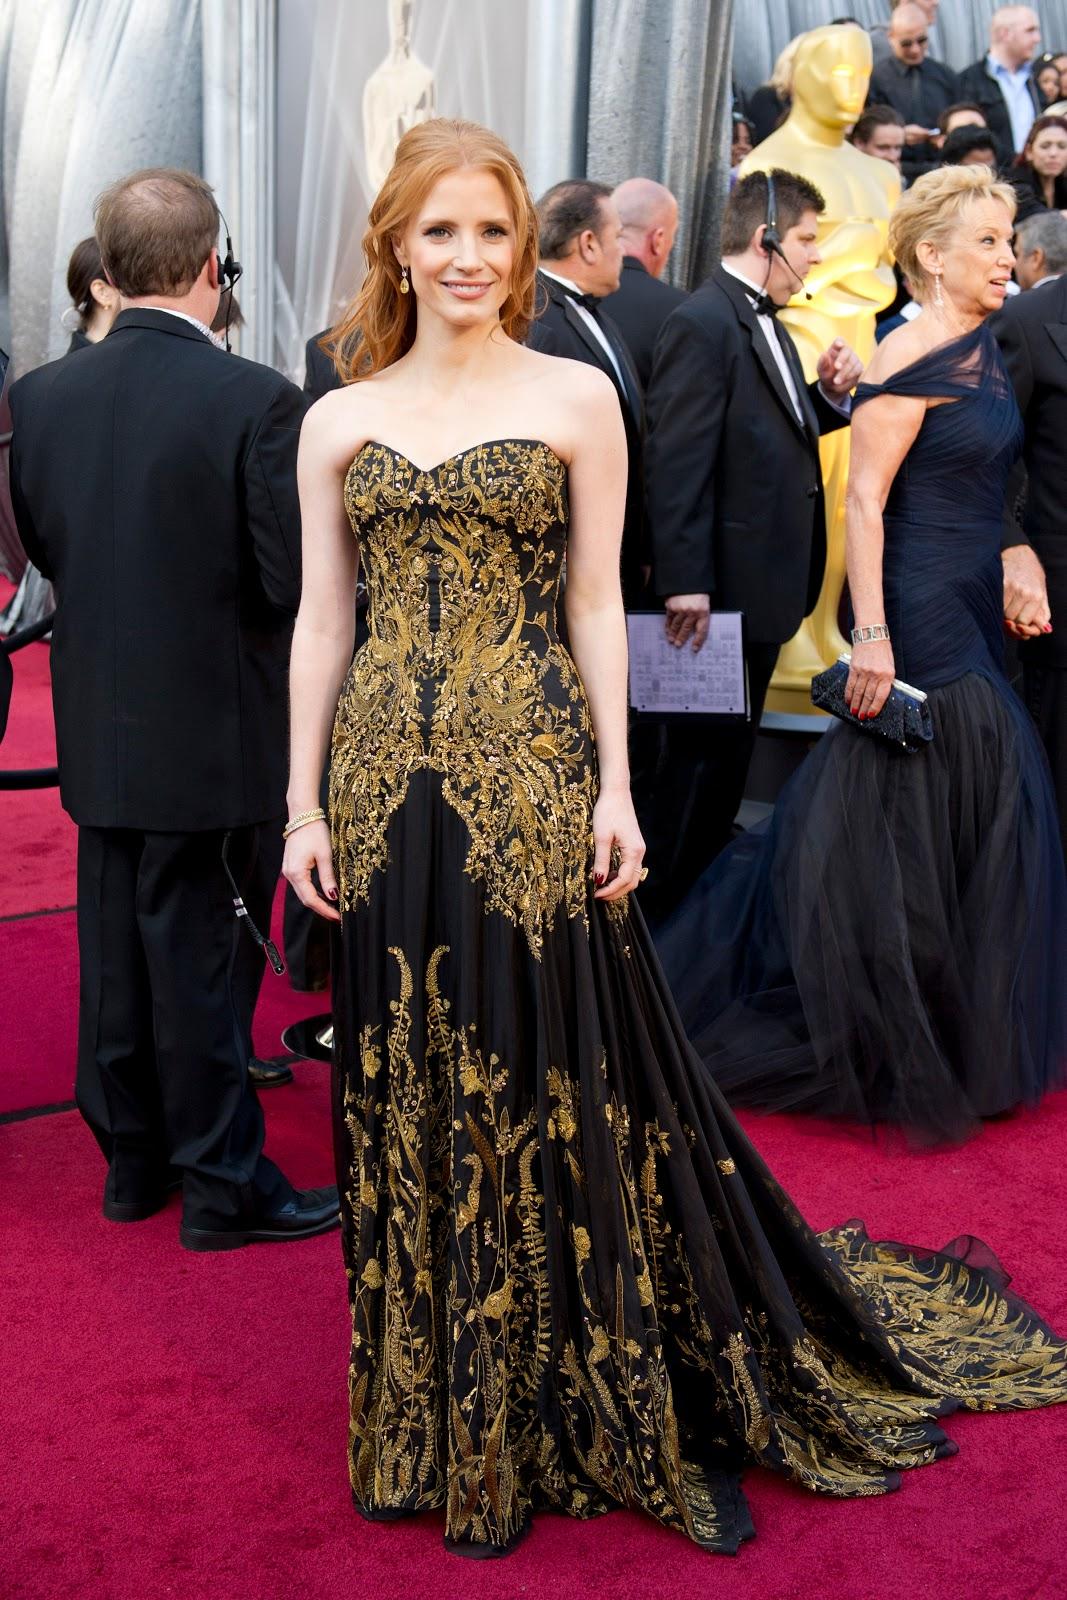 http://4.bp.blogspot.com/-n-bwgiqUdNQ/T0zewyVEYRI/AAAAAAAAcaw/_7zYYLTtJcE/s1600/Jessica+Chastain.jpg